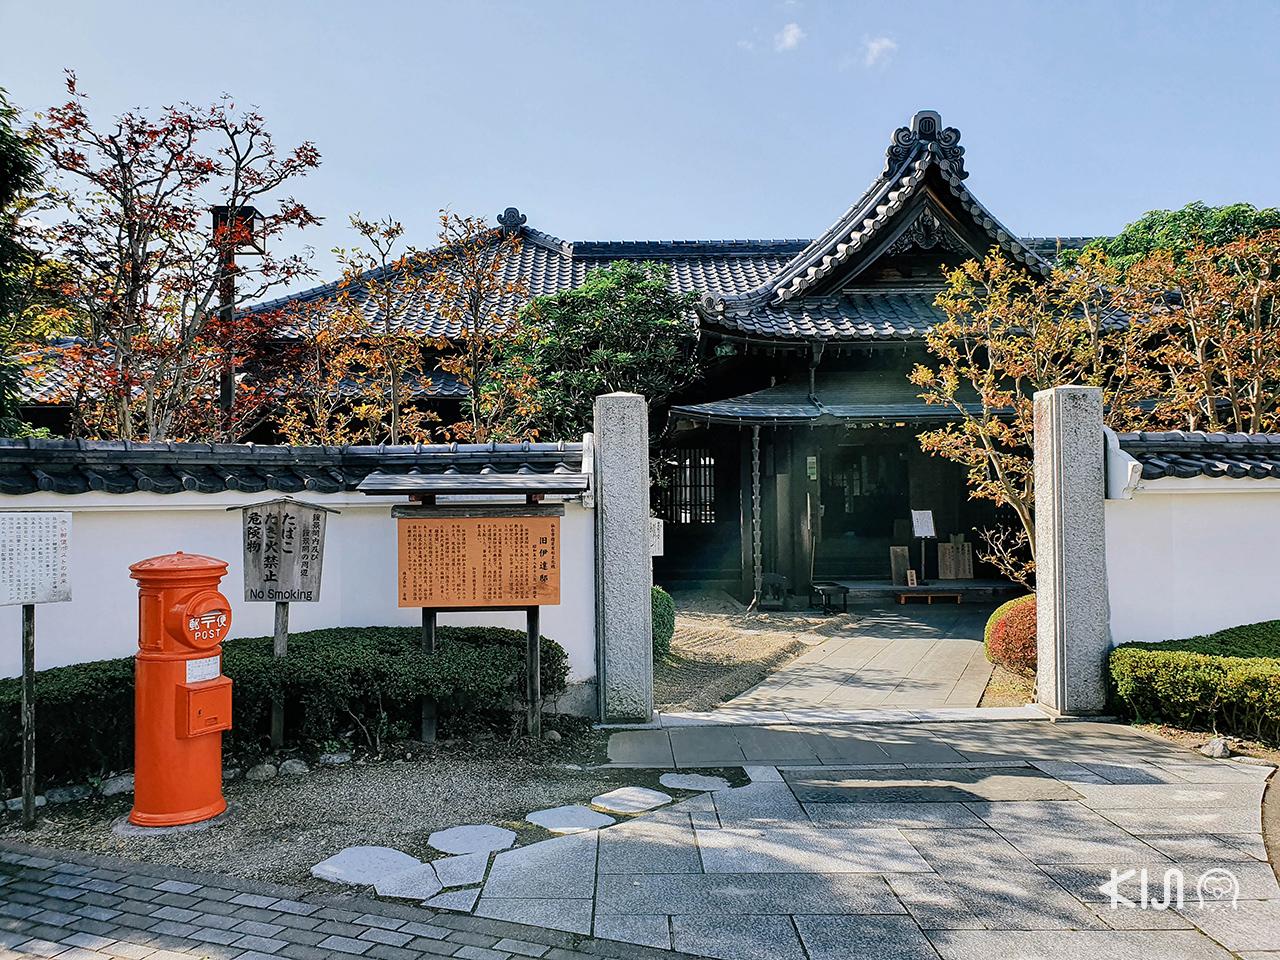 ทริปฤดู ใบไม้เปลี่ยนสี ใน โทโฮคุ ที่ Shoukeikaku